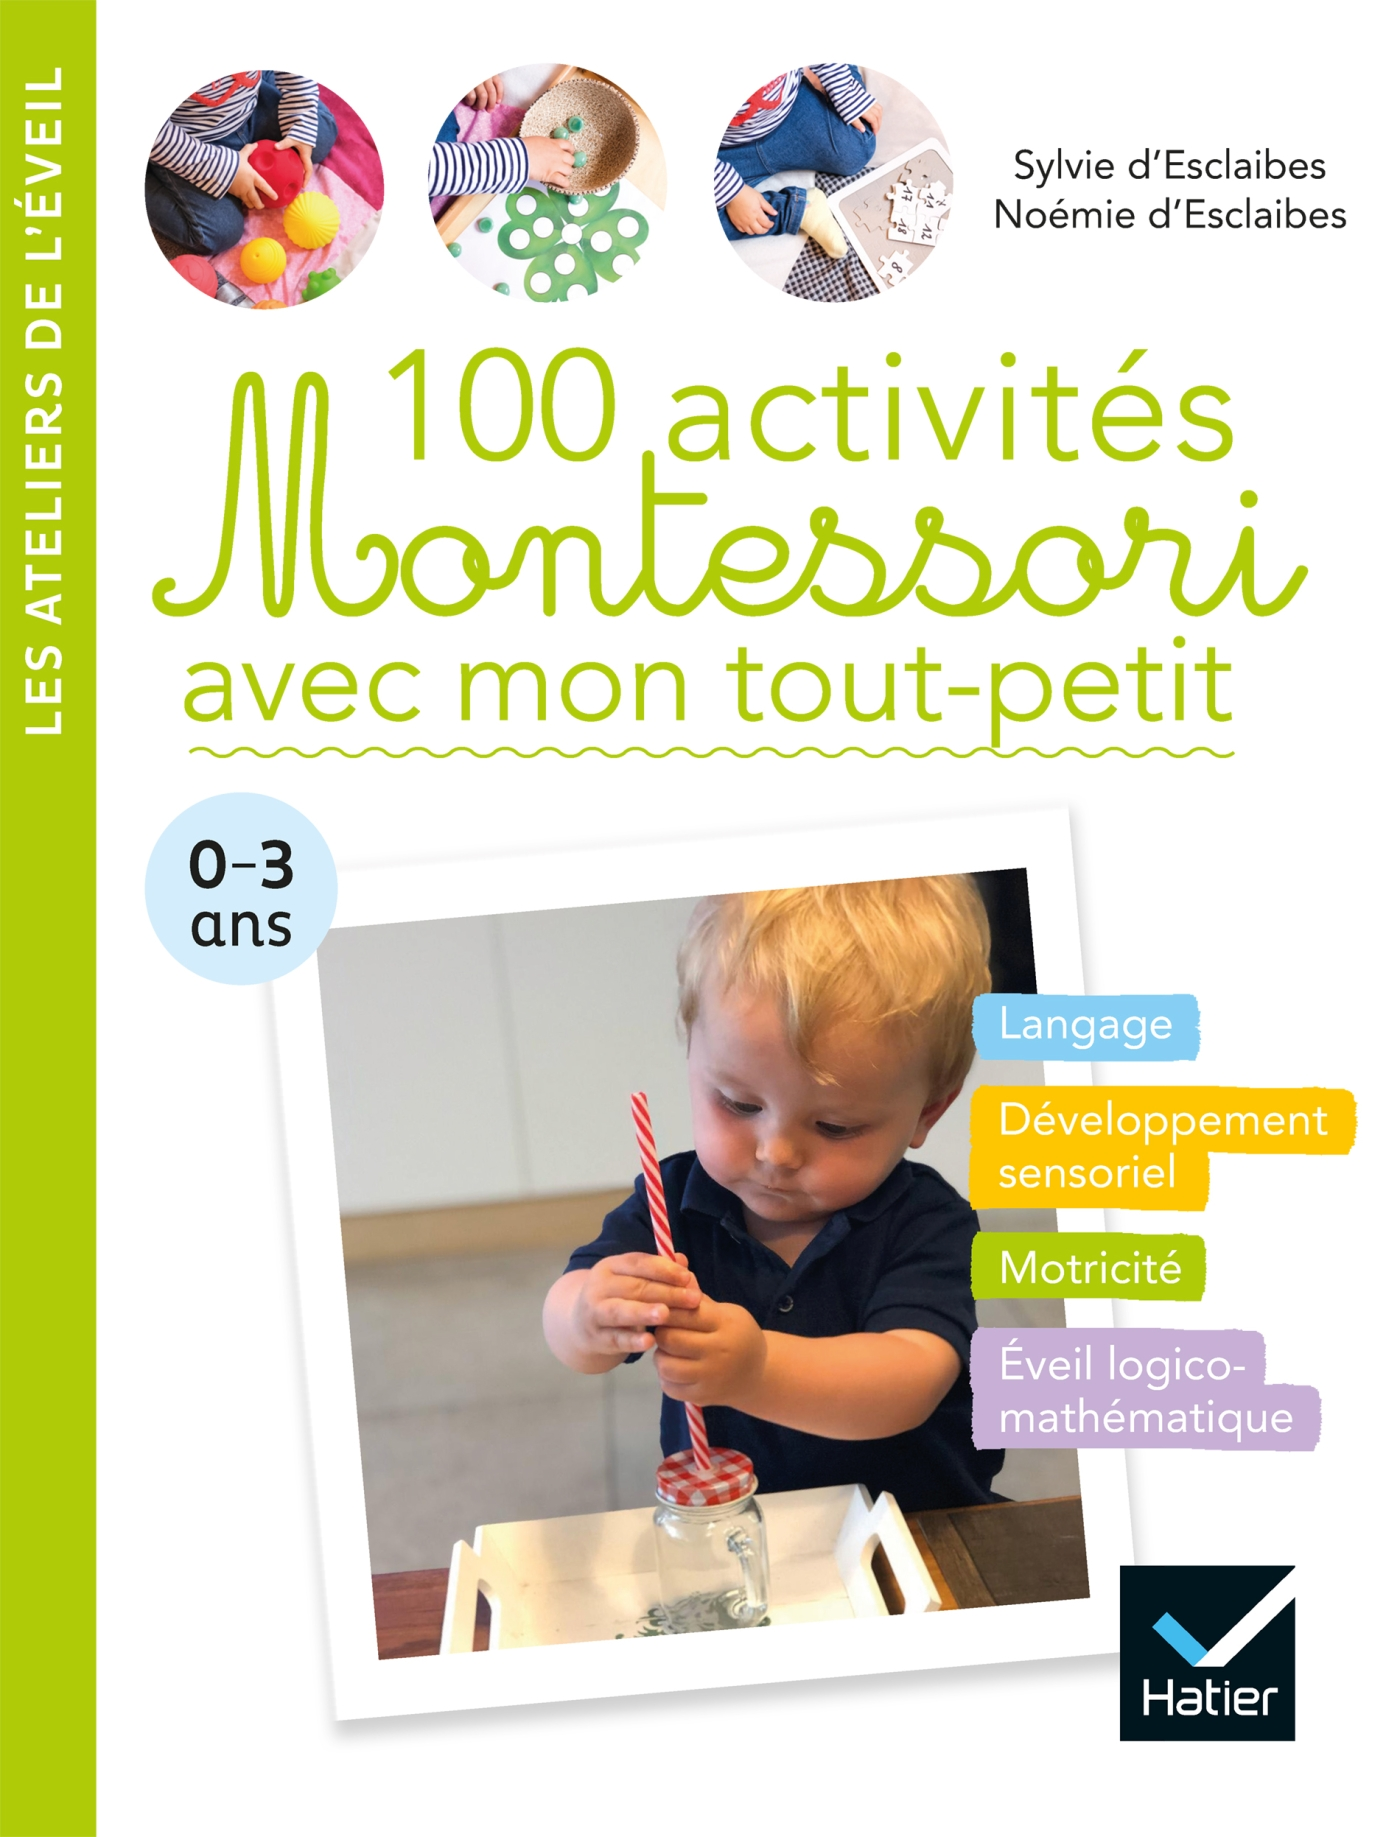 100 activités Montessori avec mon tout-petit  0-3 ans | d' Esclaibes, Noemie. Auteur